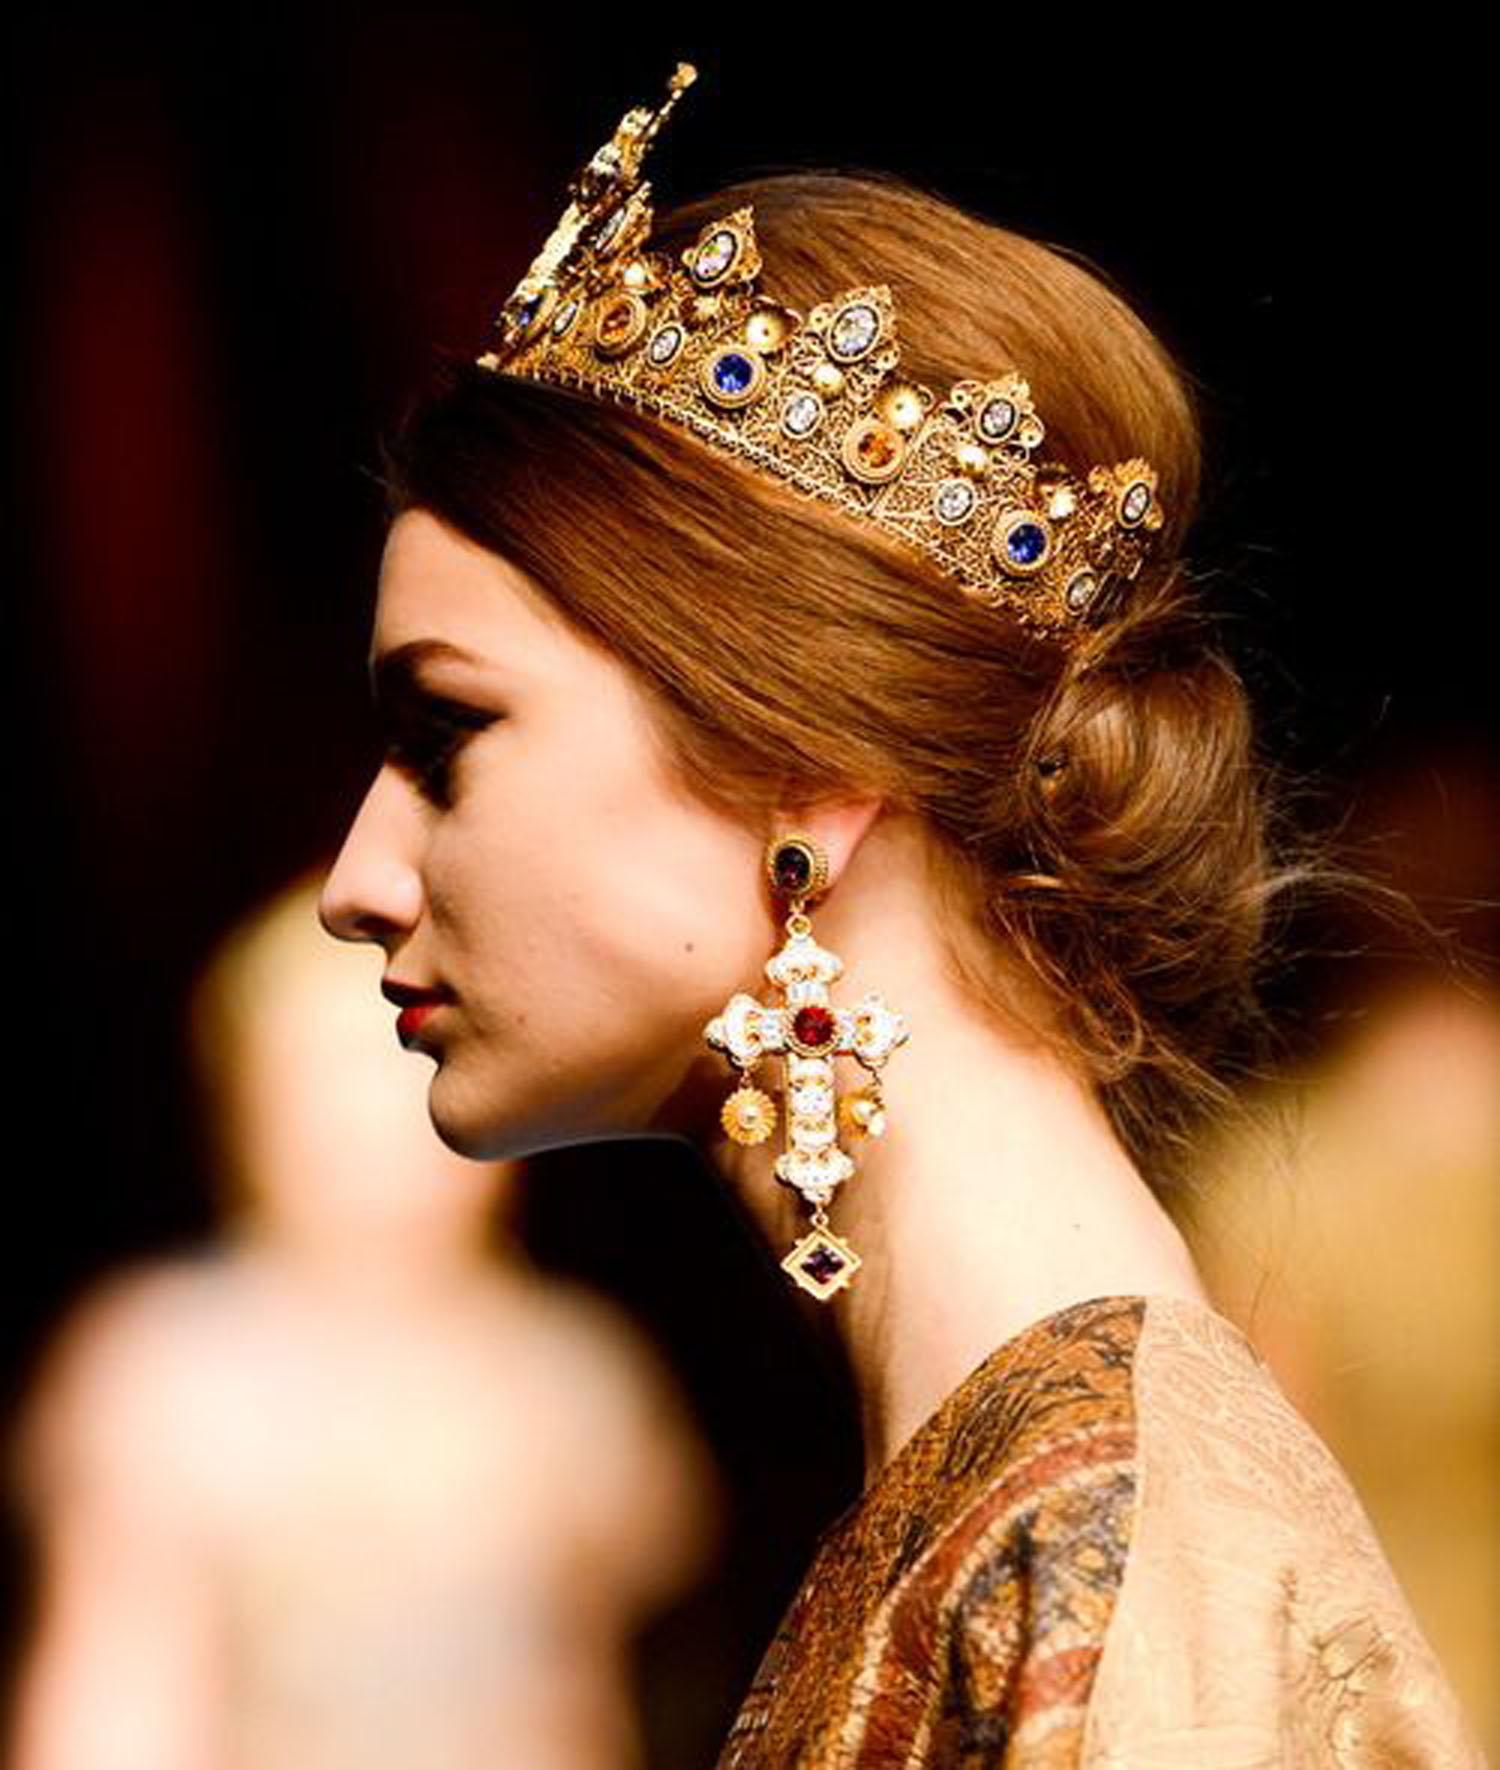 crown-regal-tiara-queen-princess-trends-copy1